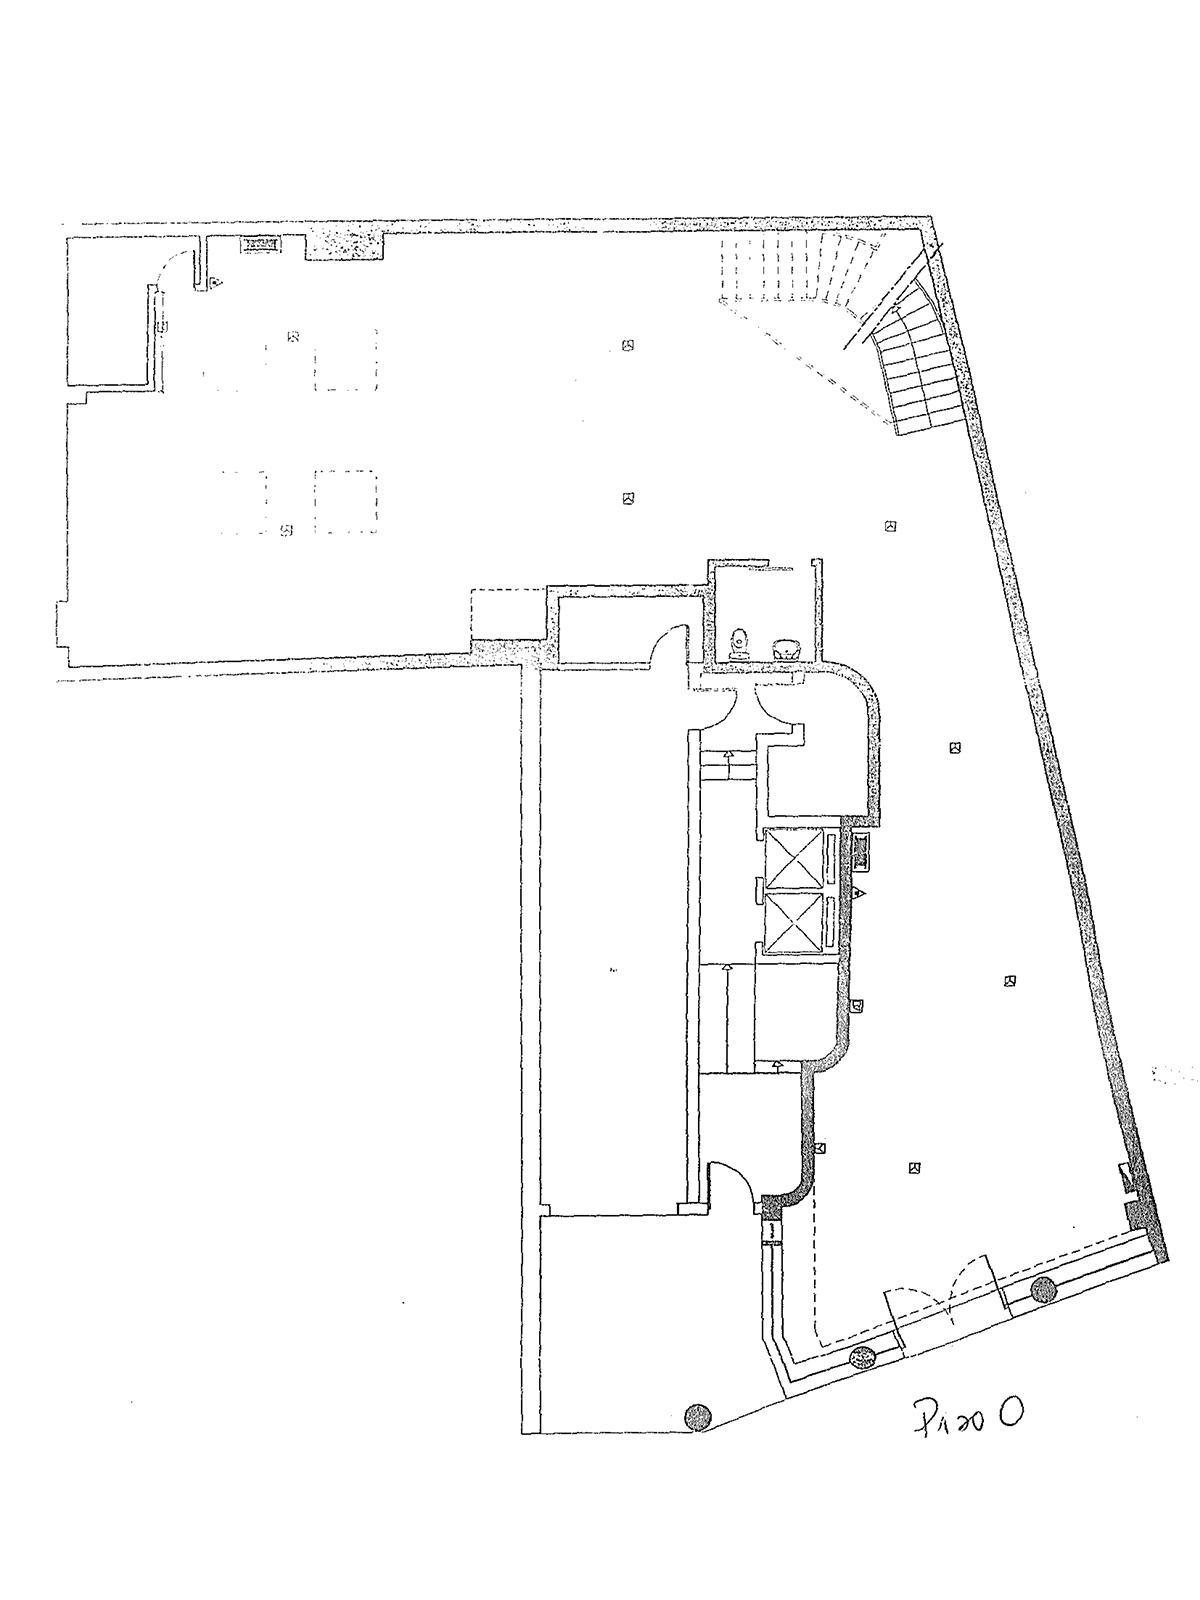 Used Commercial in Arco do Cego (São Jorge de Arroios) – 483 m²